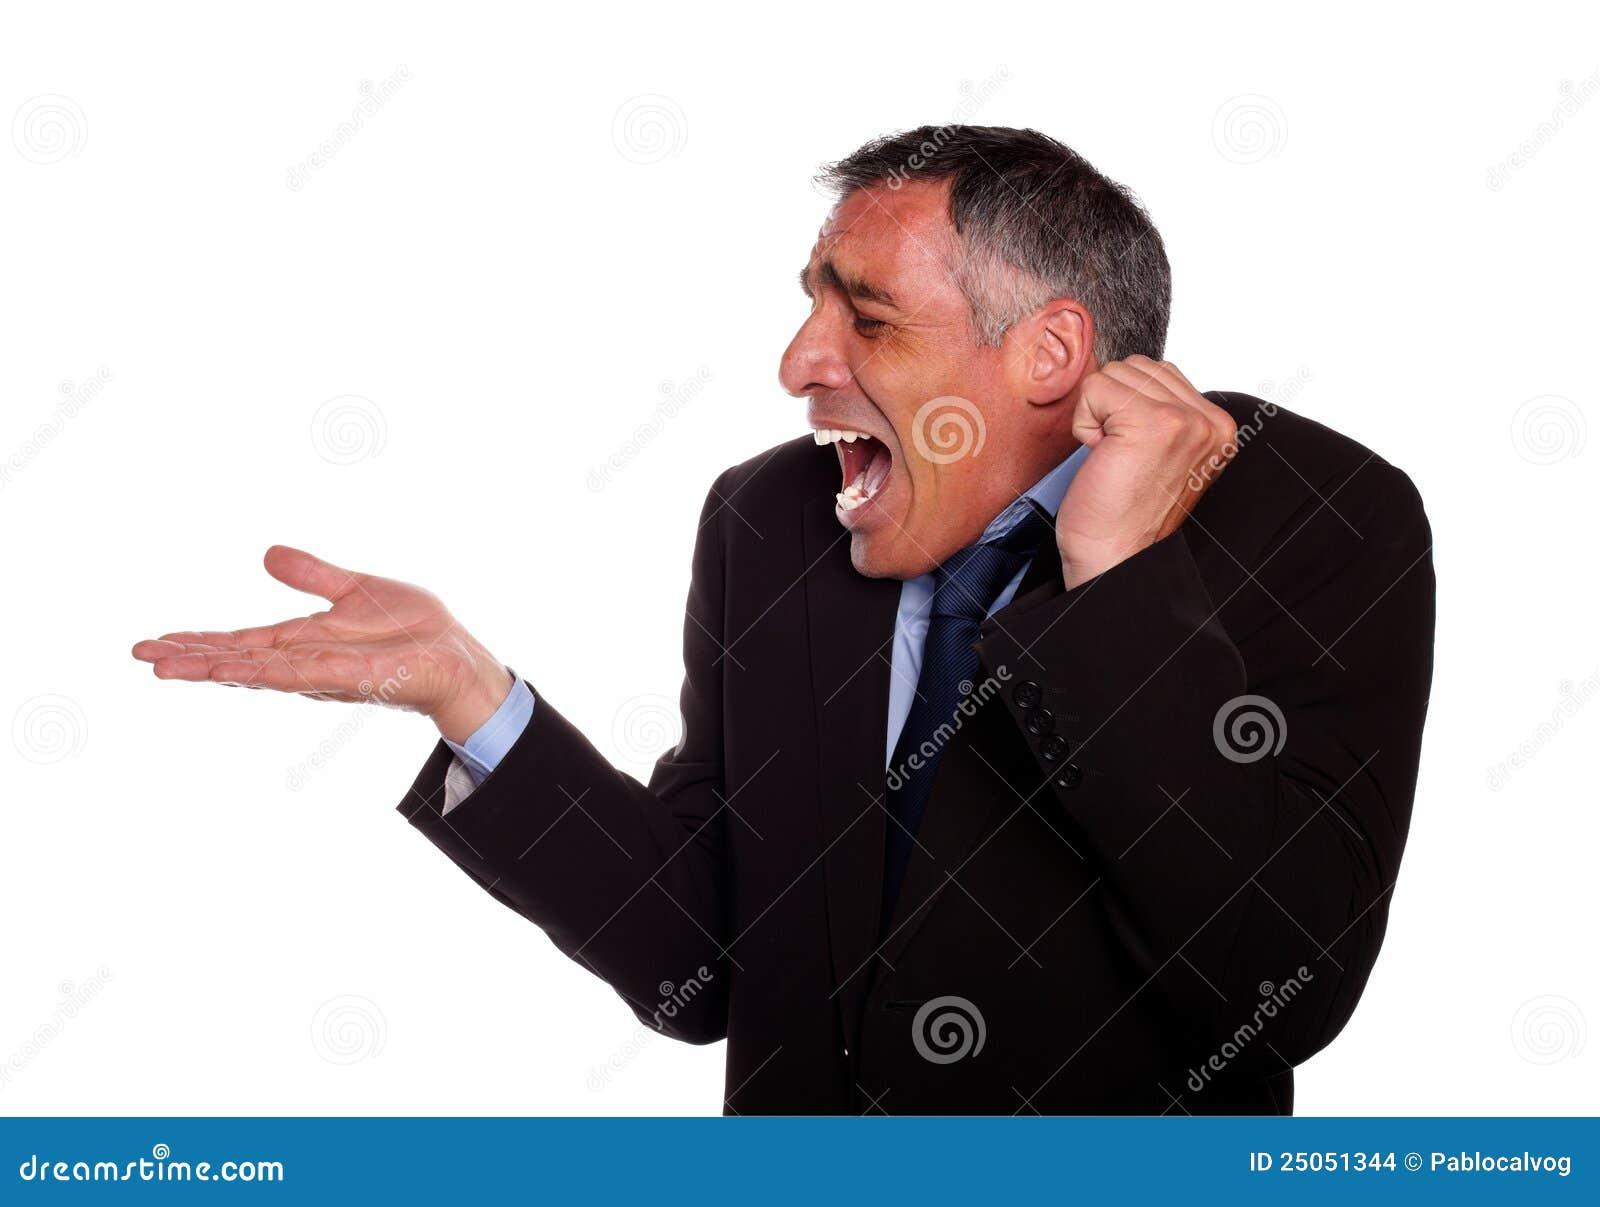 Überraschter erwachsener Mann mit entfalteter rechter Hand